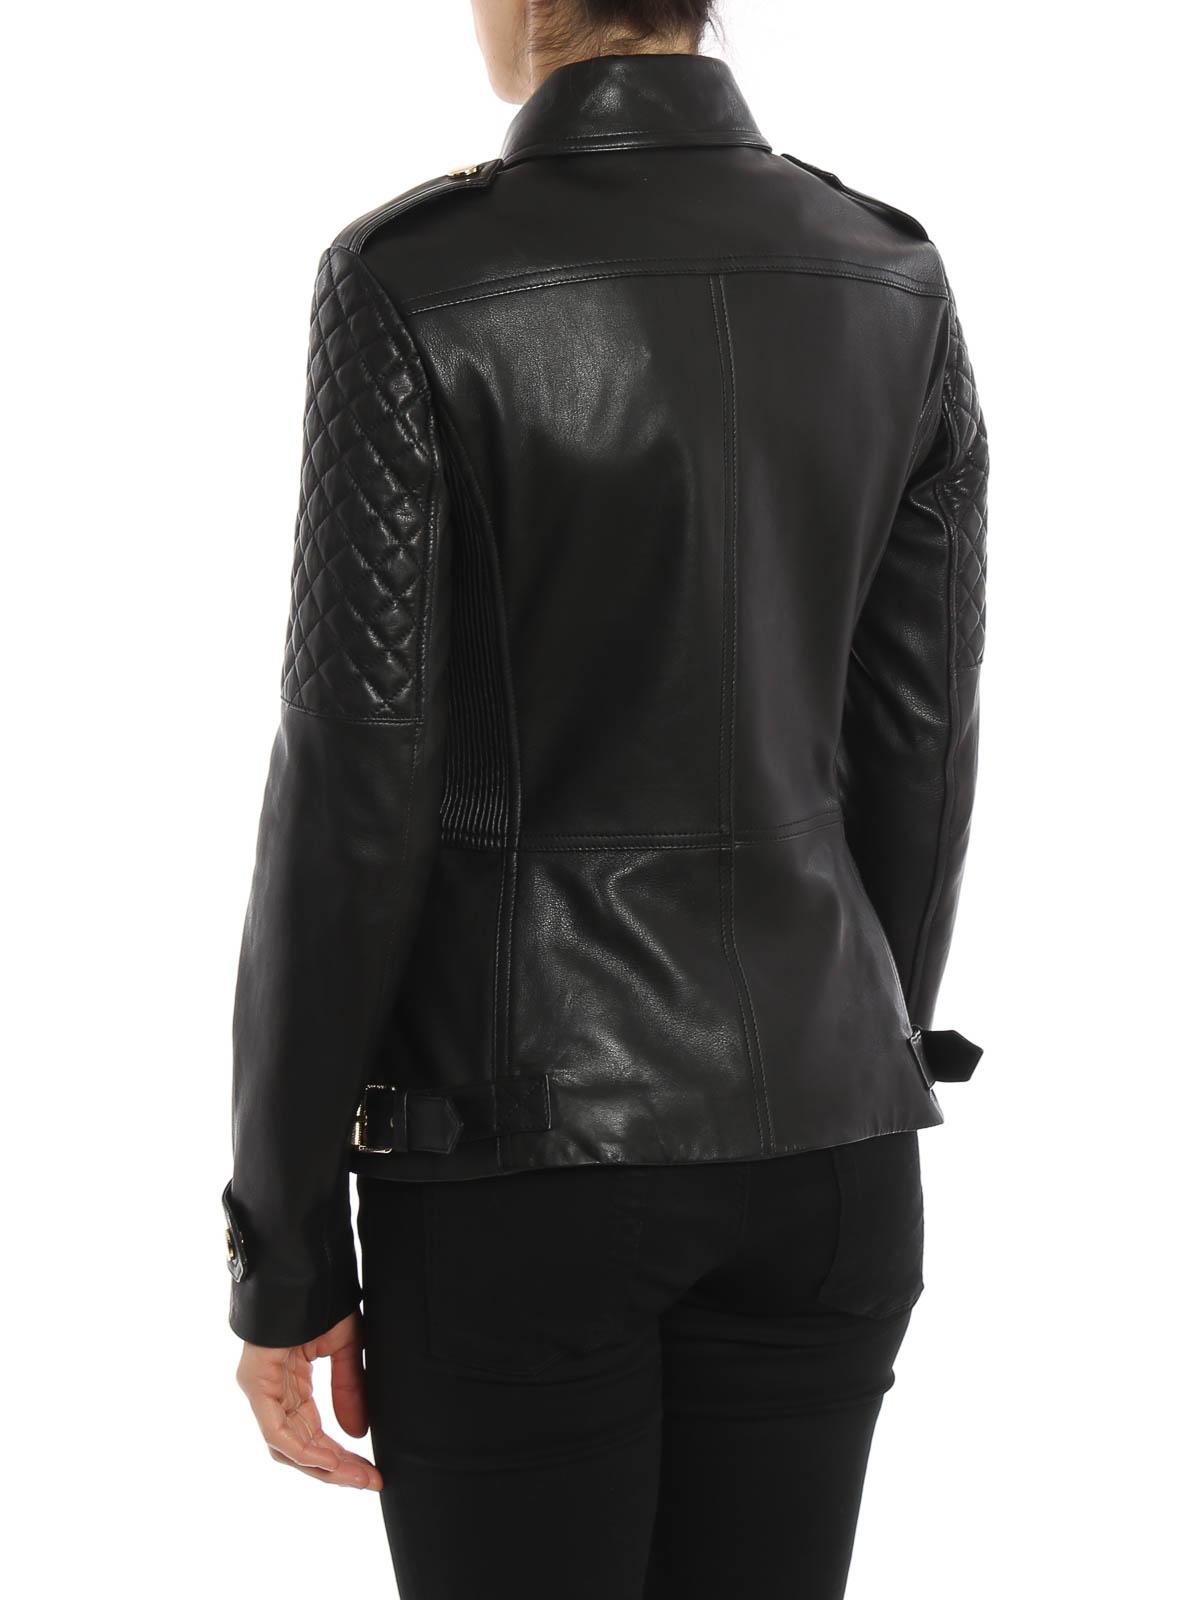 Burberry - Manteau En Cuir Noir Pour Femme